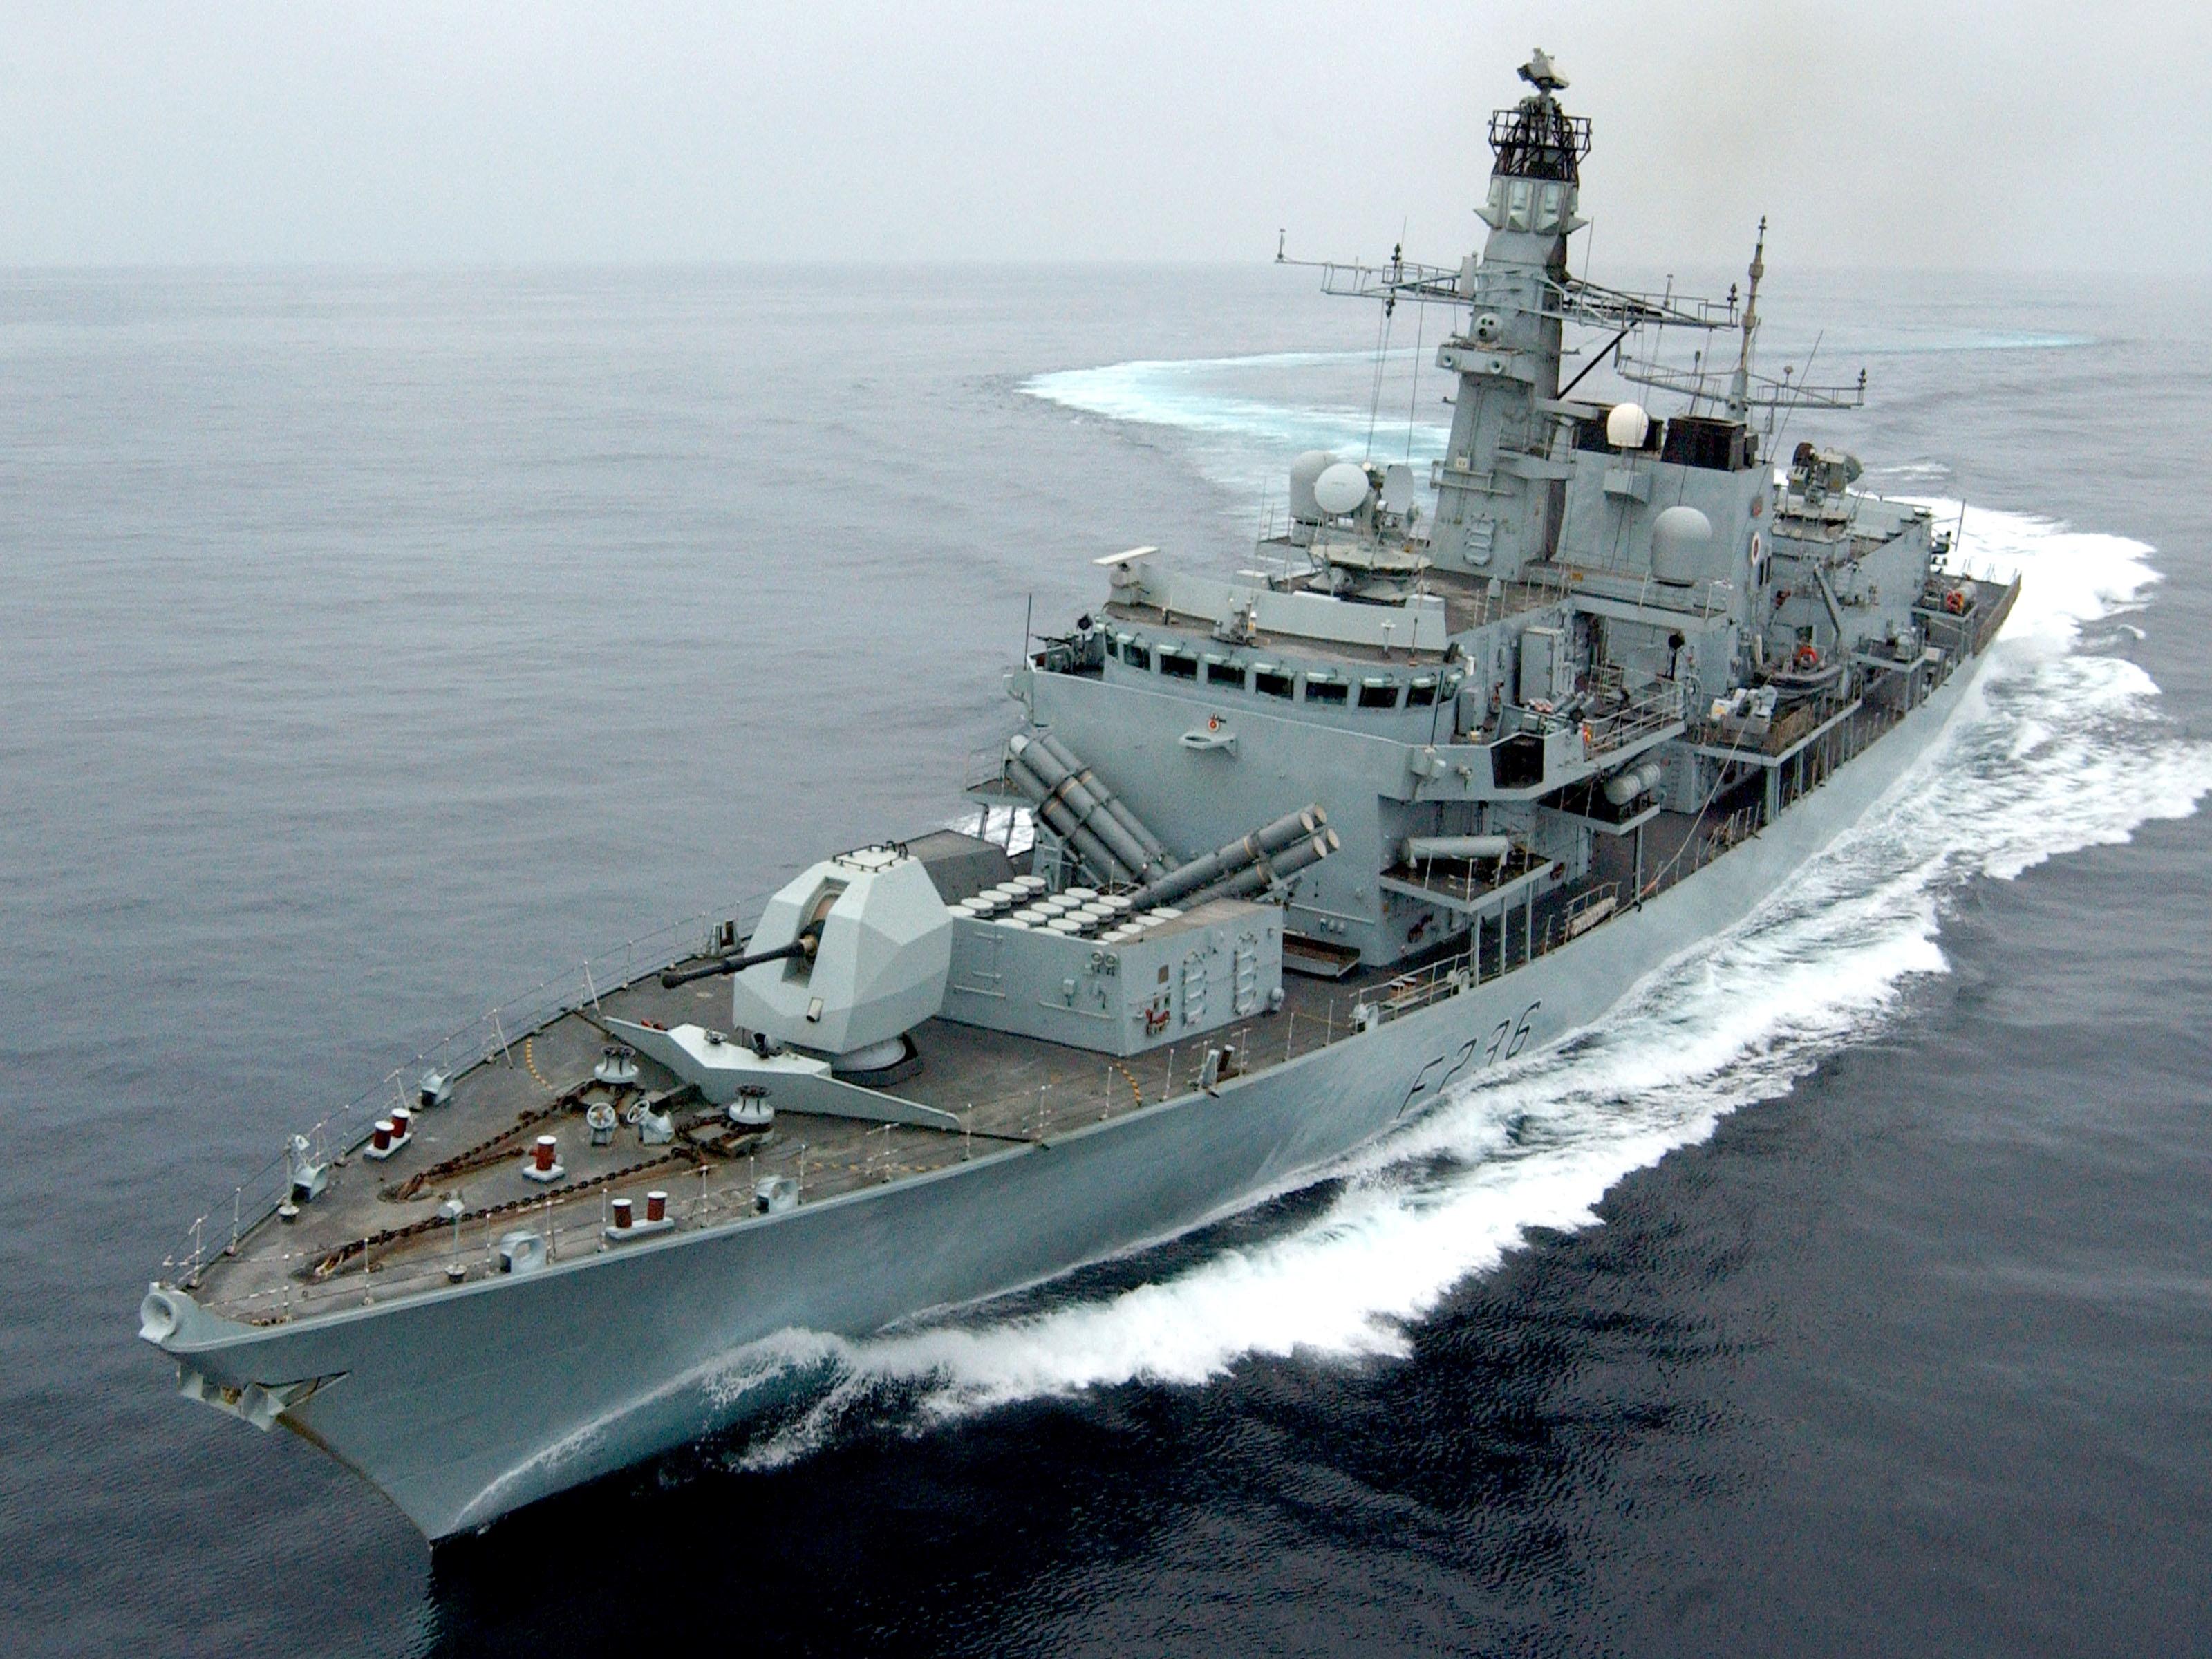 سفينة حربية بريطانية في خليج عمان